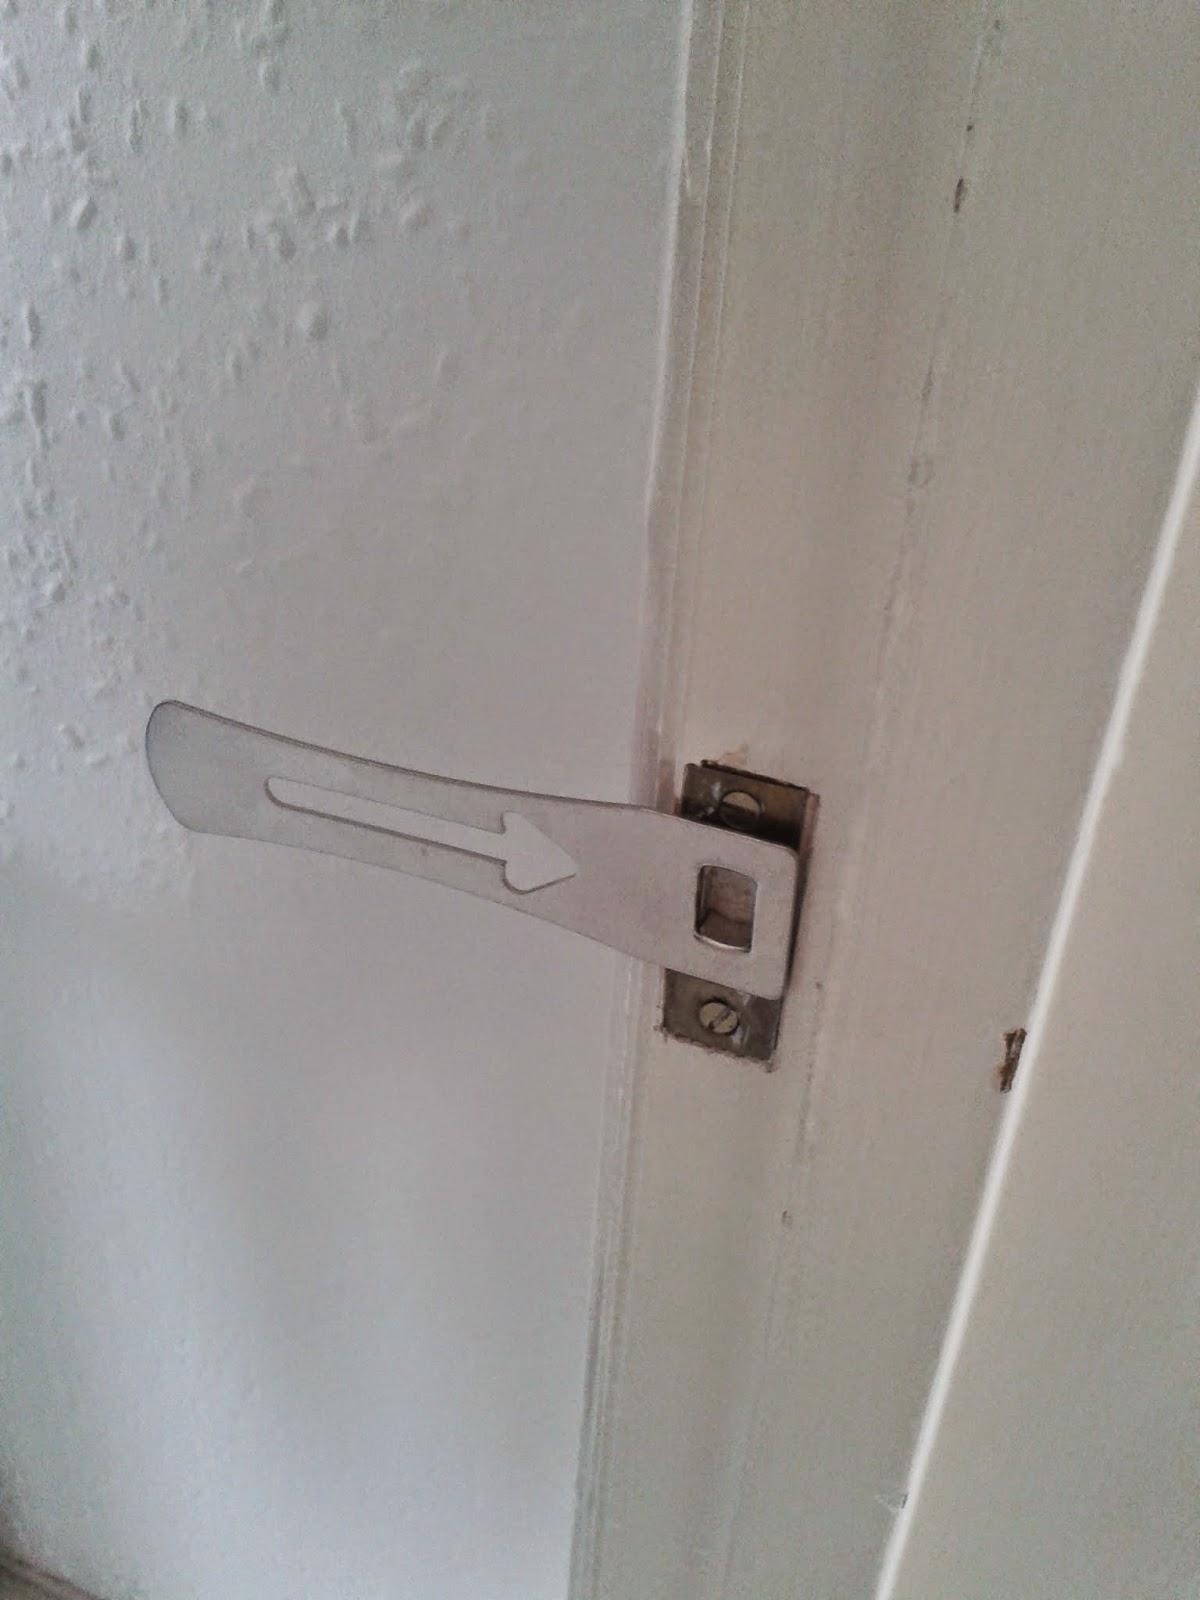 Easy Lock lockplate in door